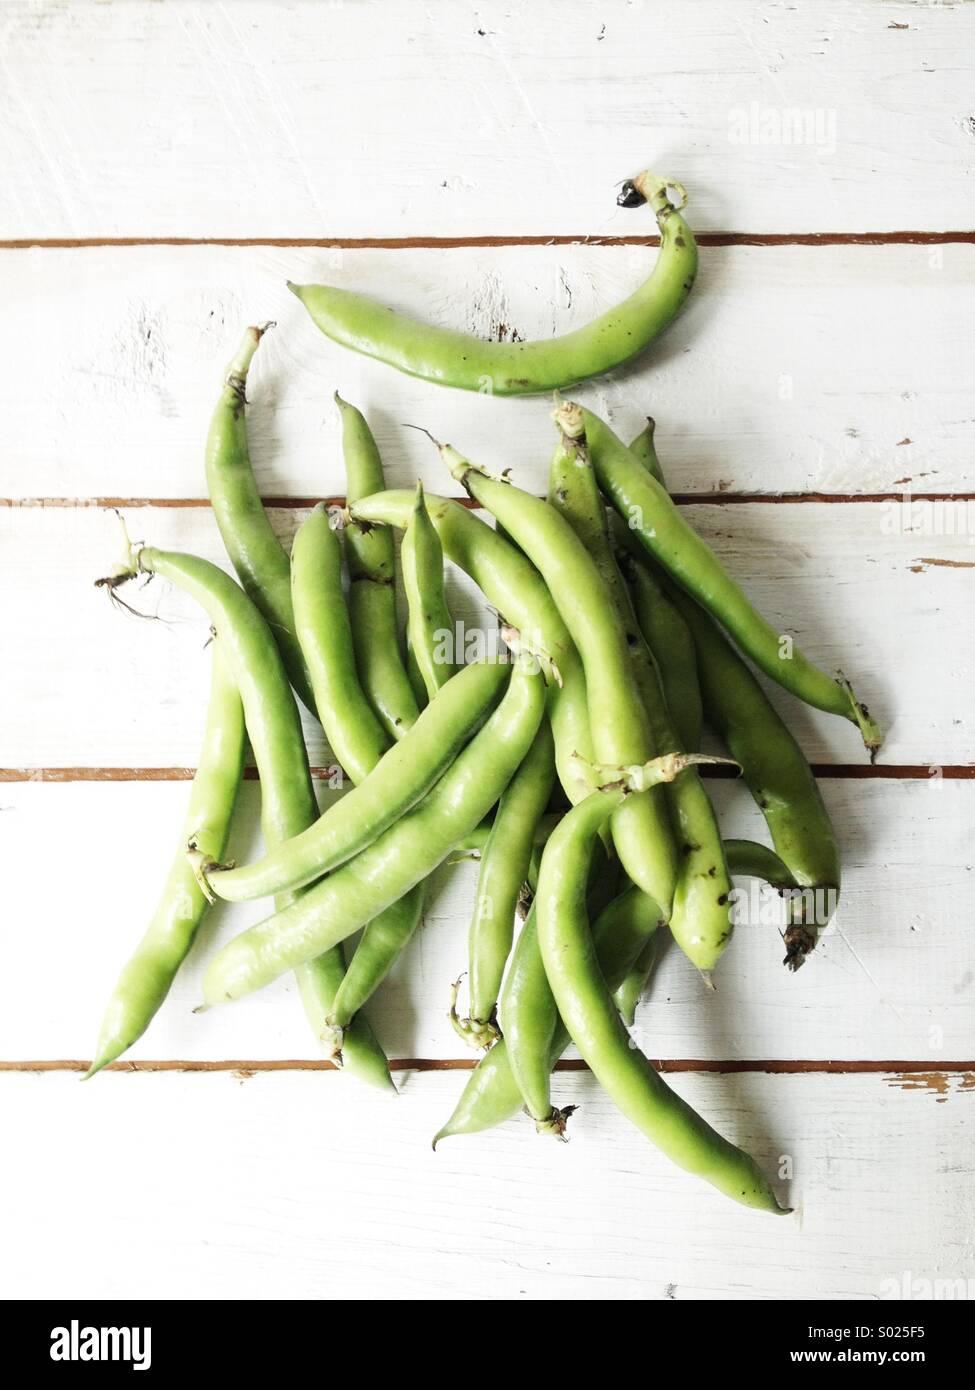 Frisch geerntete grüne Bohnen Stockbild